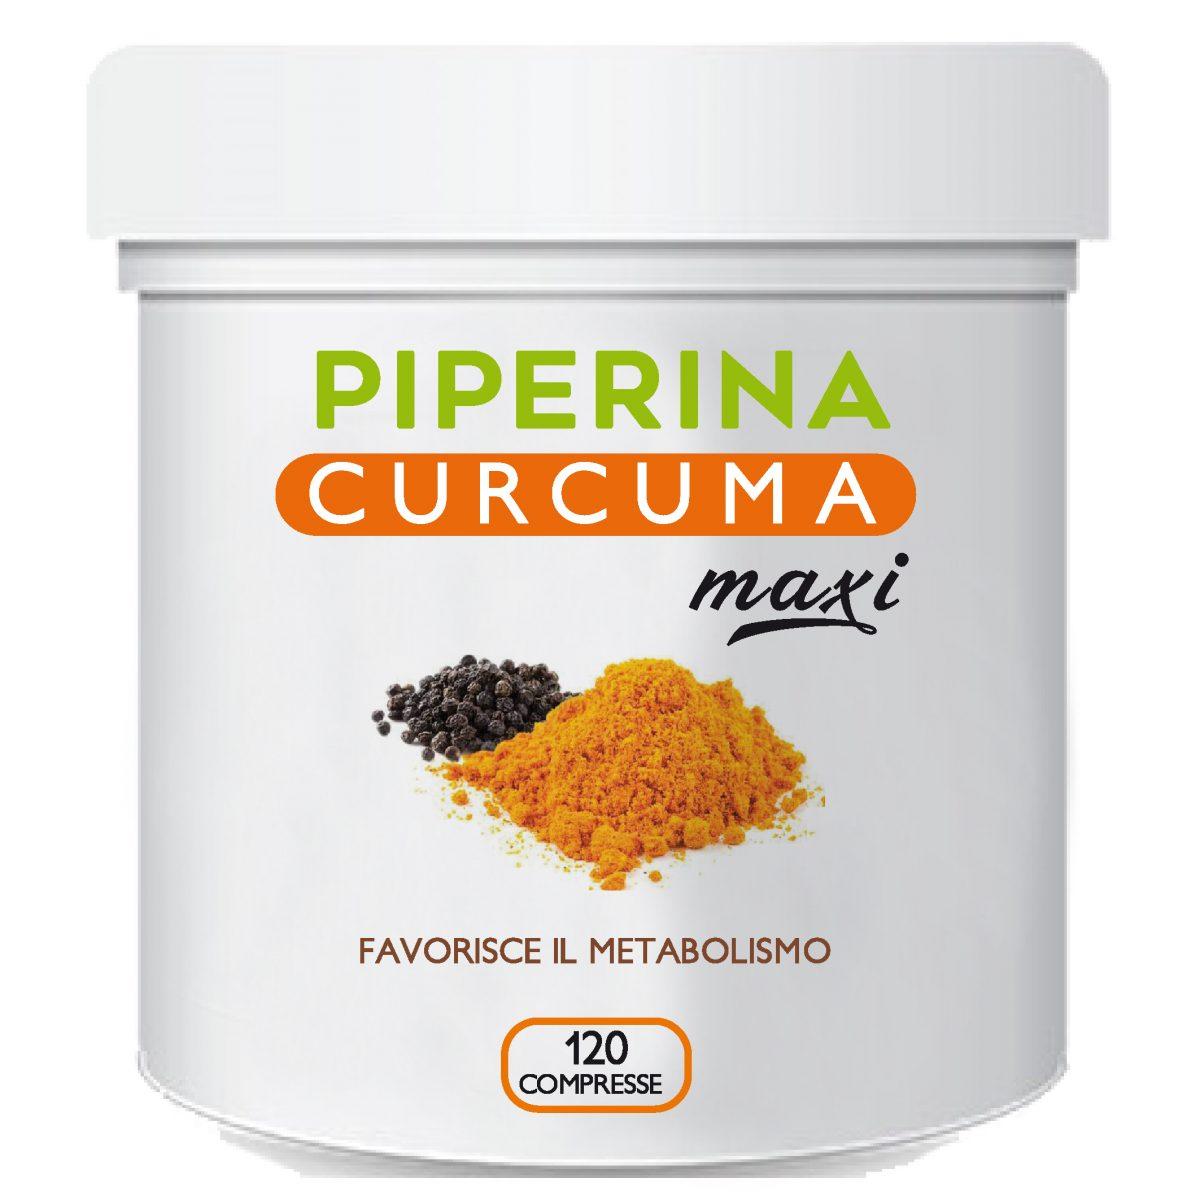 Piperina Curcuma Maxi l'integratore per la perdita di peso più venduto in Italia